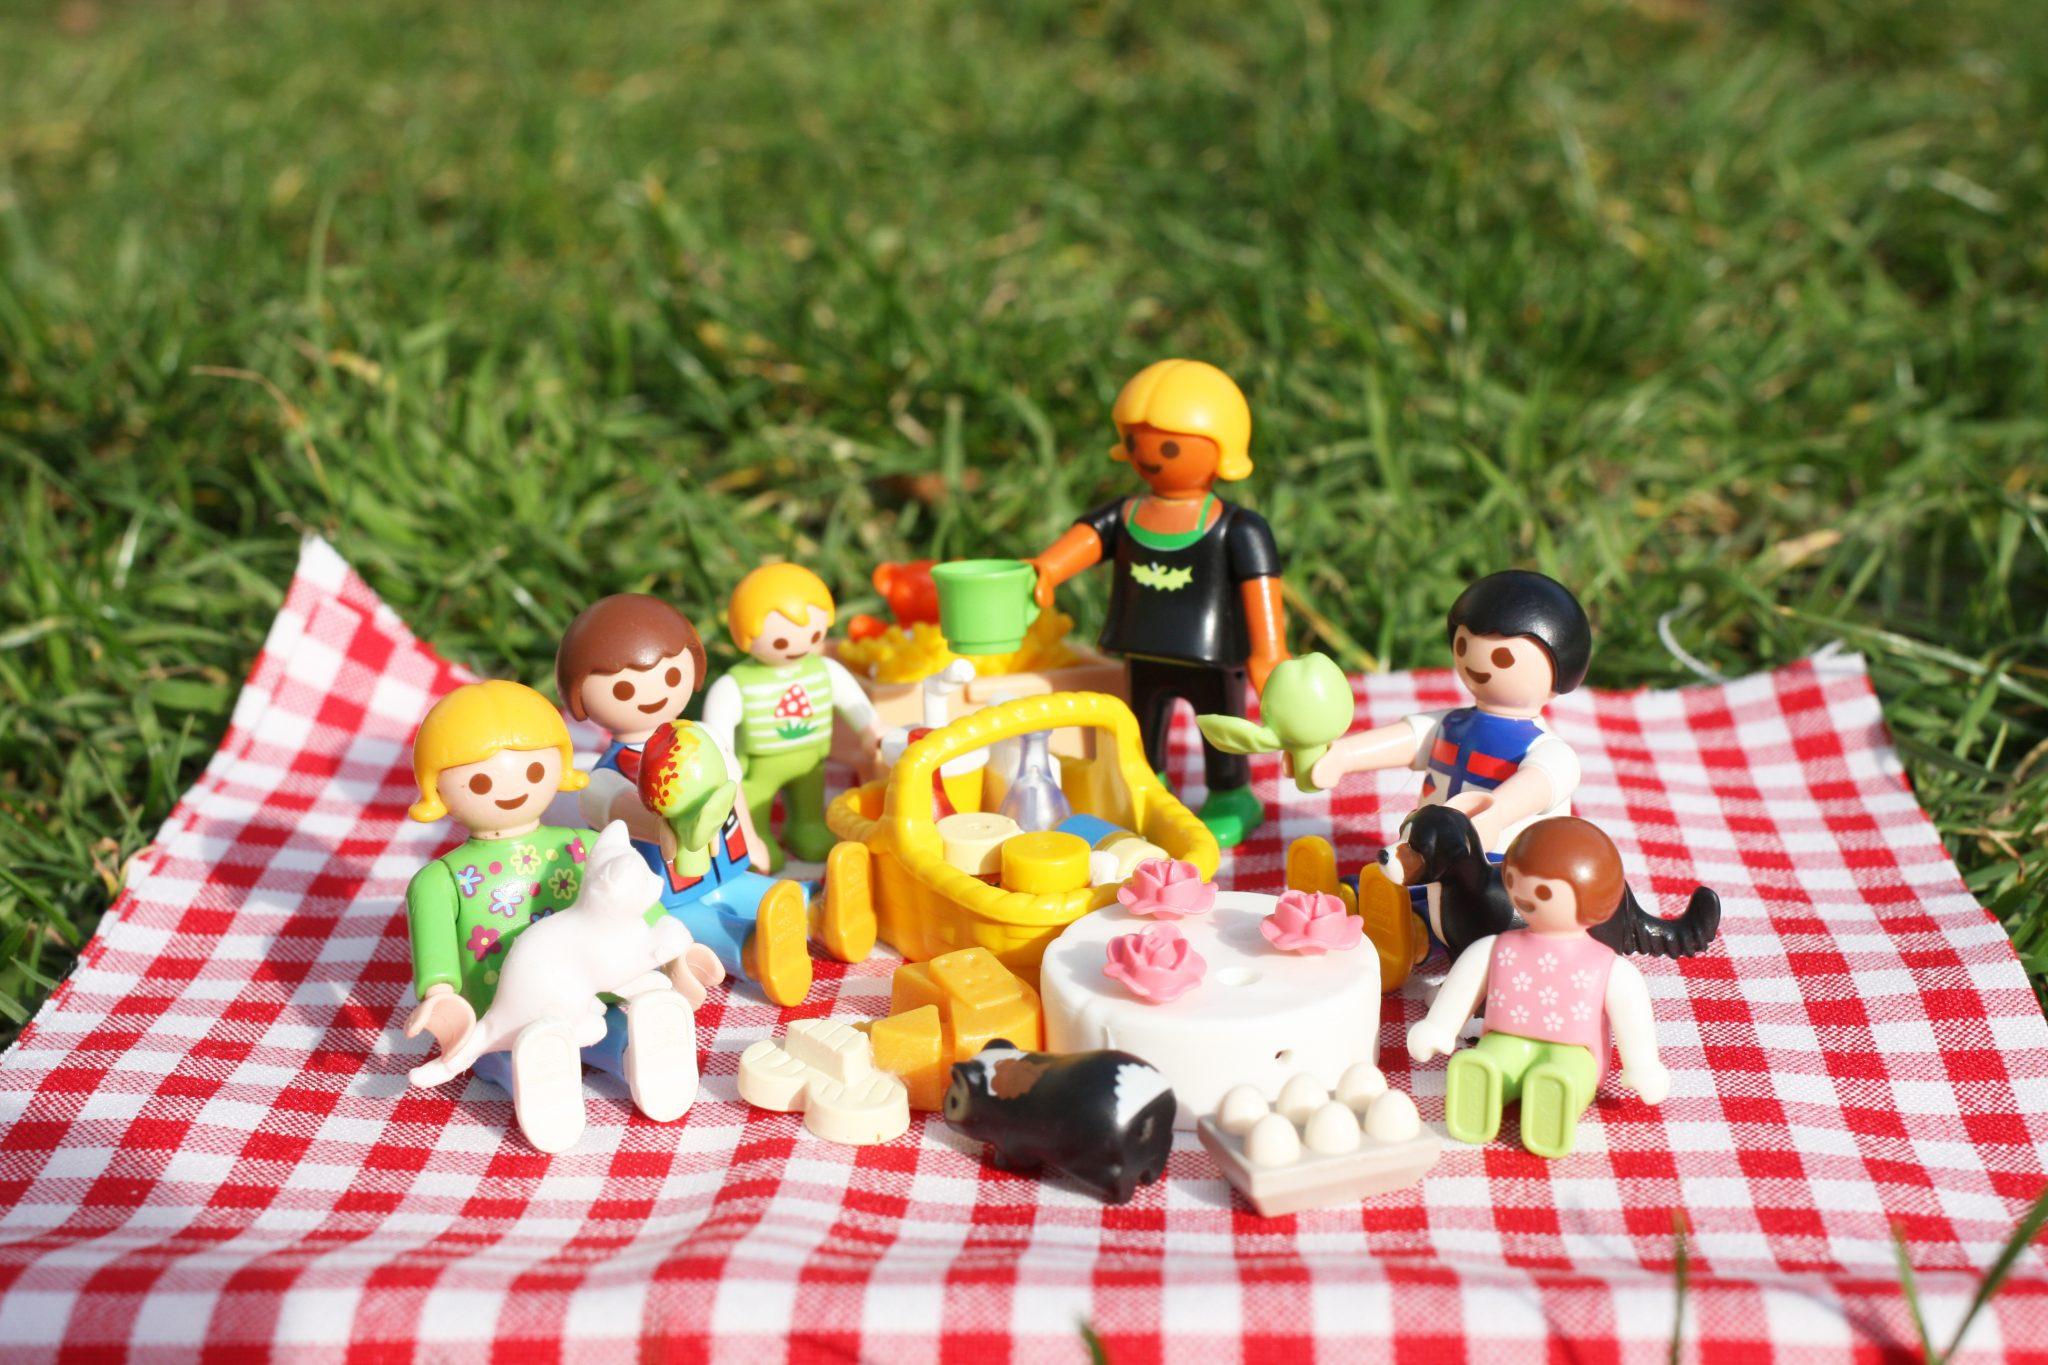 Picknickidee